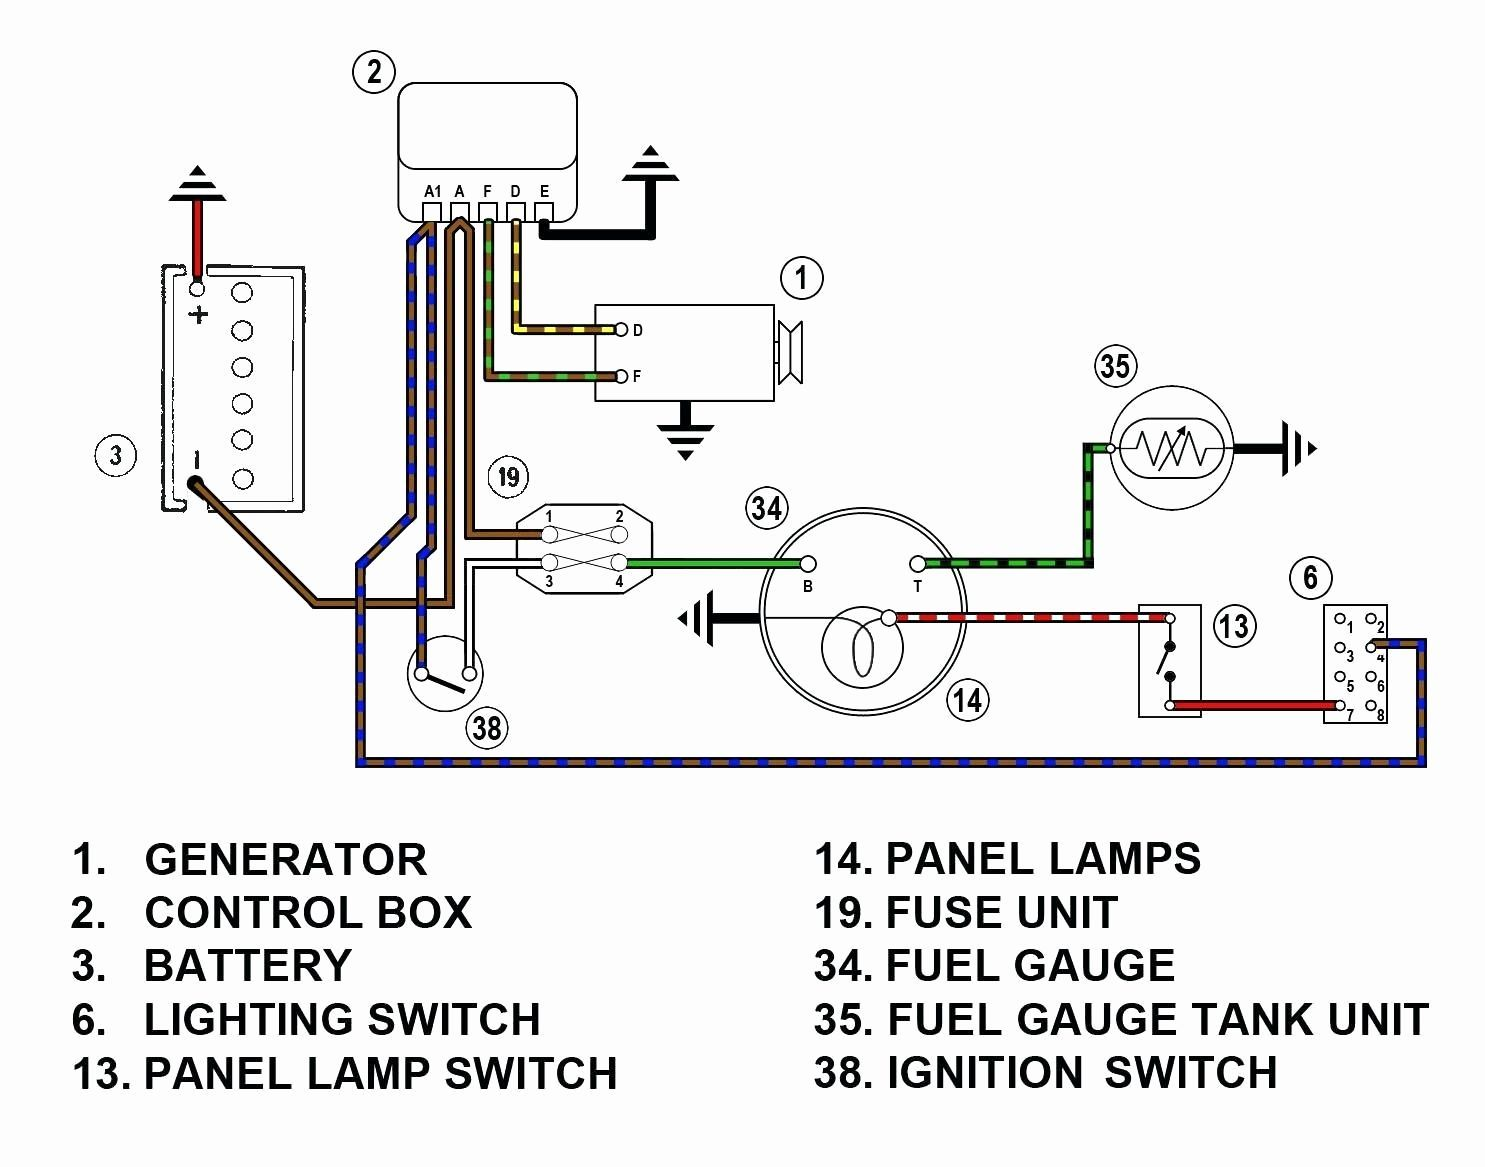 [DIAGRAM_38ZD]  20 Automatic Auto Wiring Diagram Software Ideas ,  https://bacamajalah.com/20-automatic-auto-wiring-diagram-software-ideas… |  Trailer wiring diagram, Diagram, Gauges | Chevrolet Battery Gauge Wiring |  | Pinterest